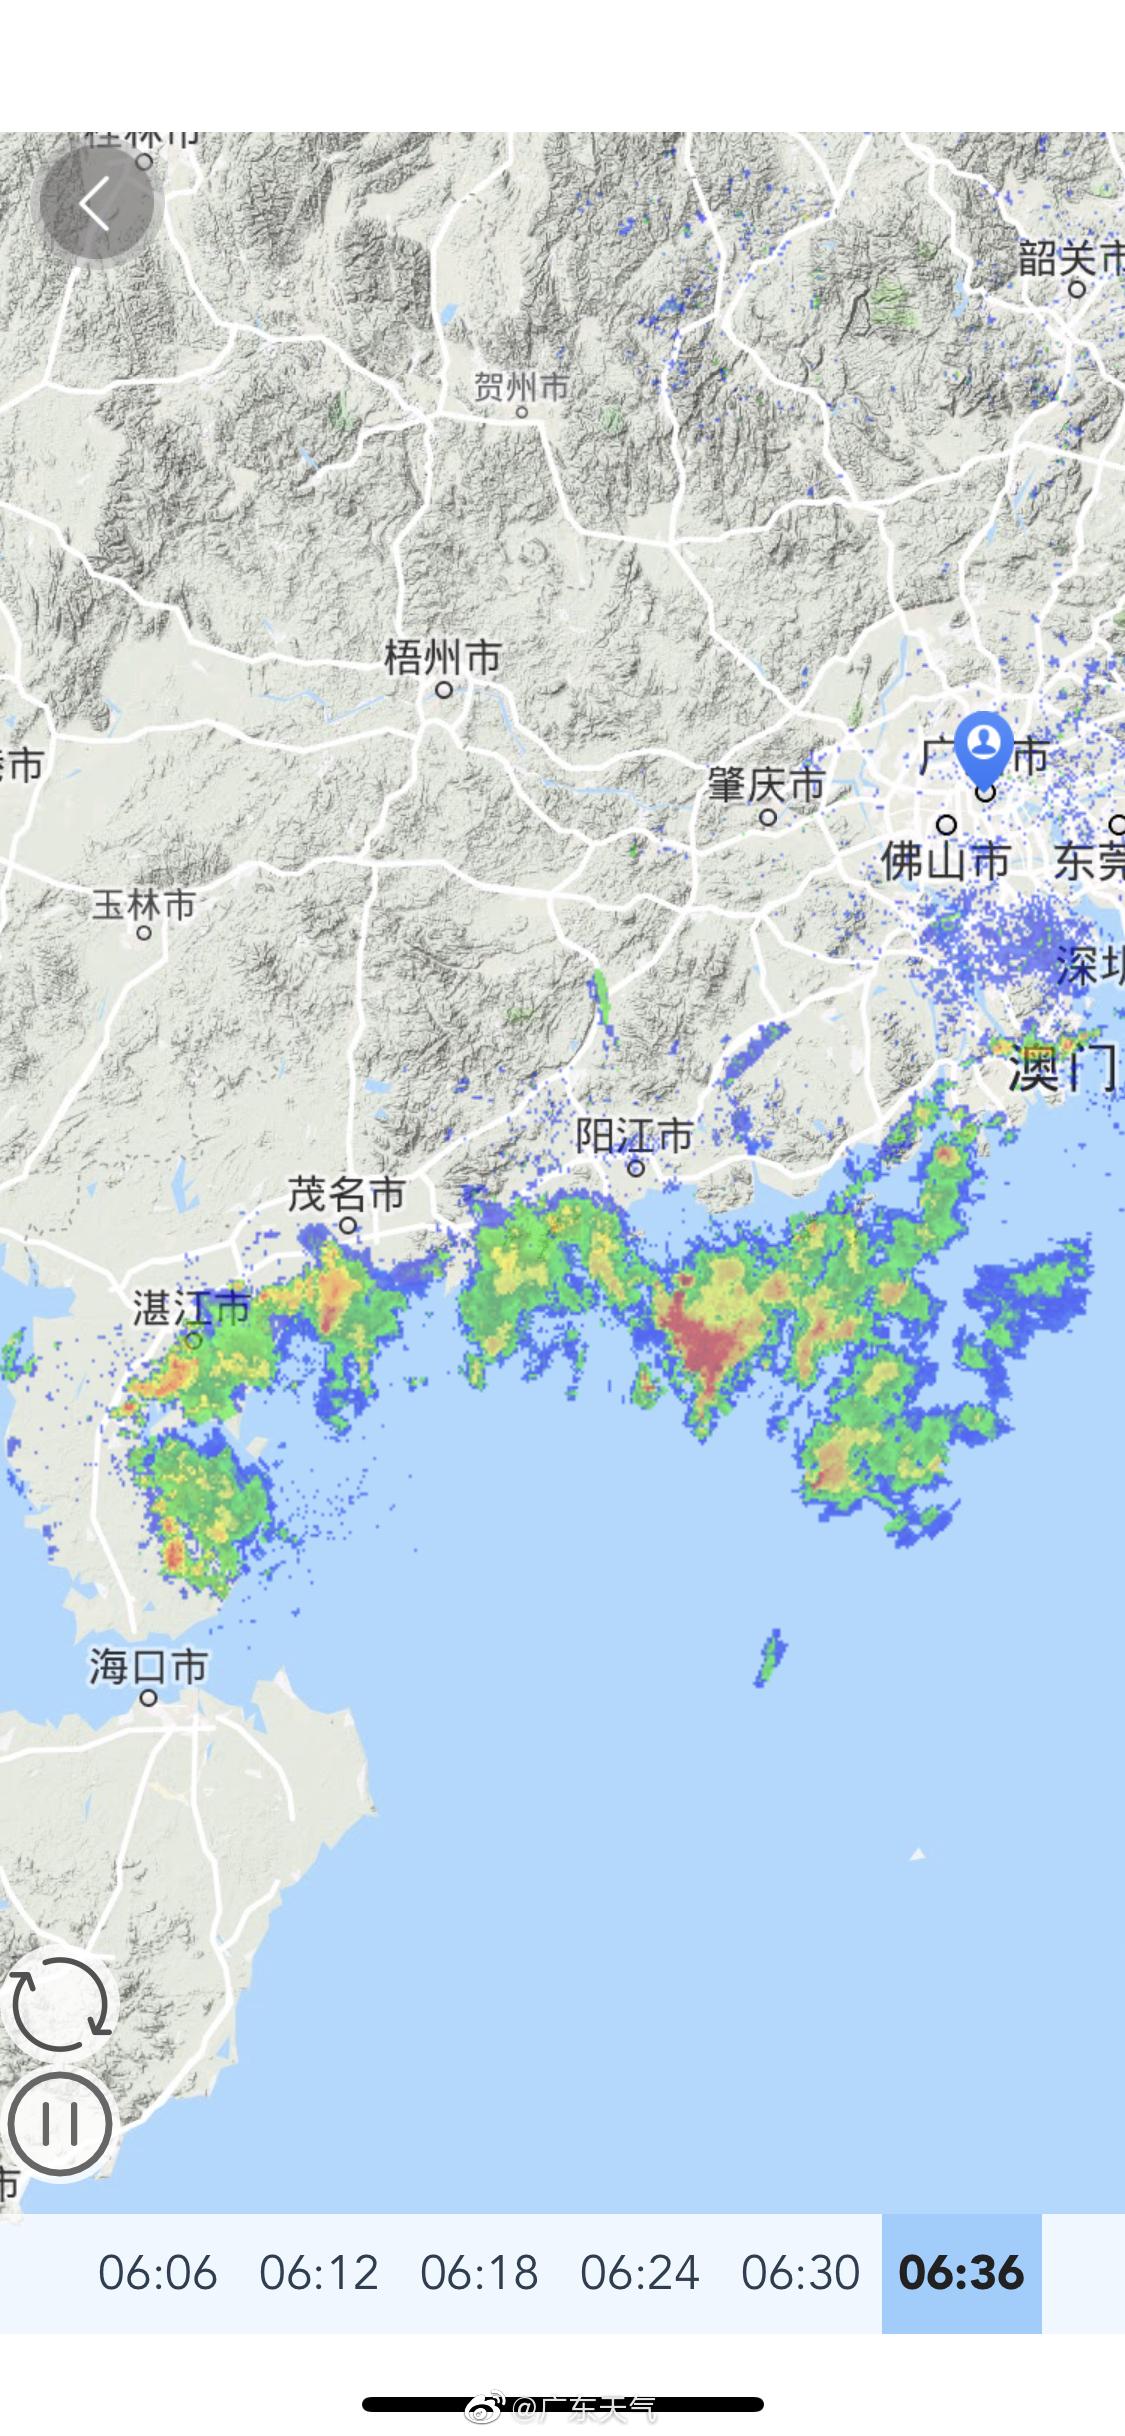 珠江口西侧和粤西降水回波比较活跃,截至6:54分